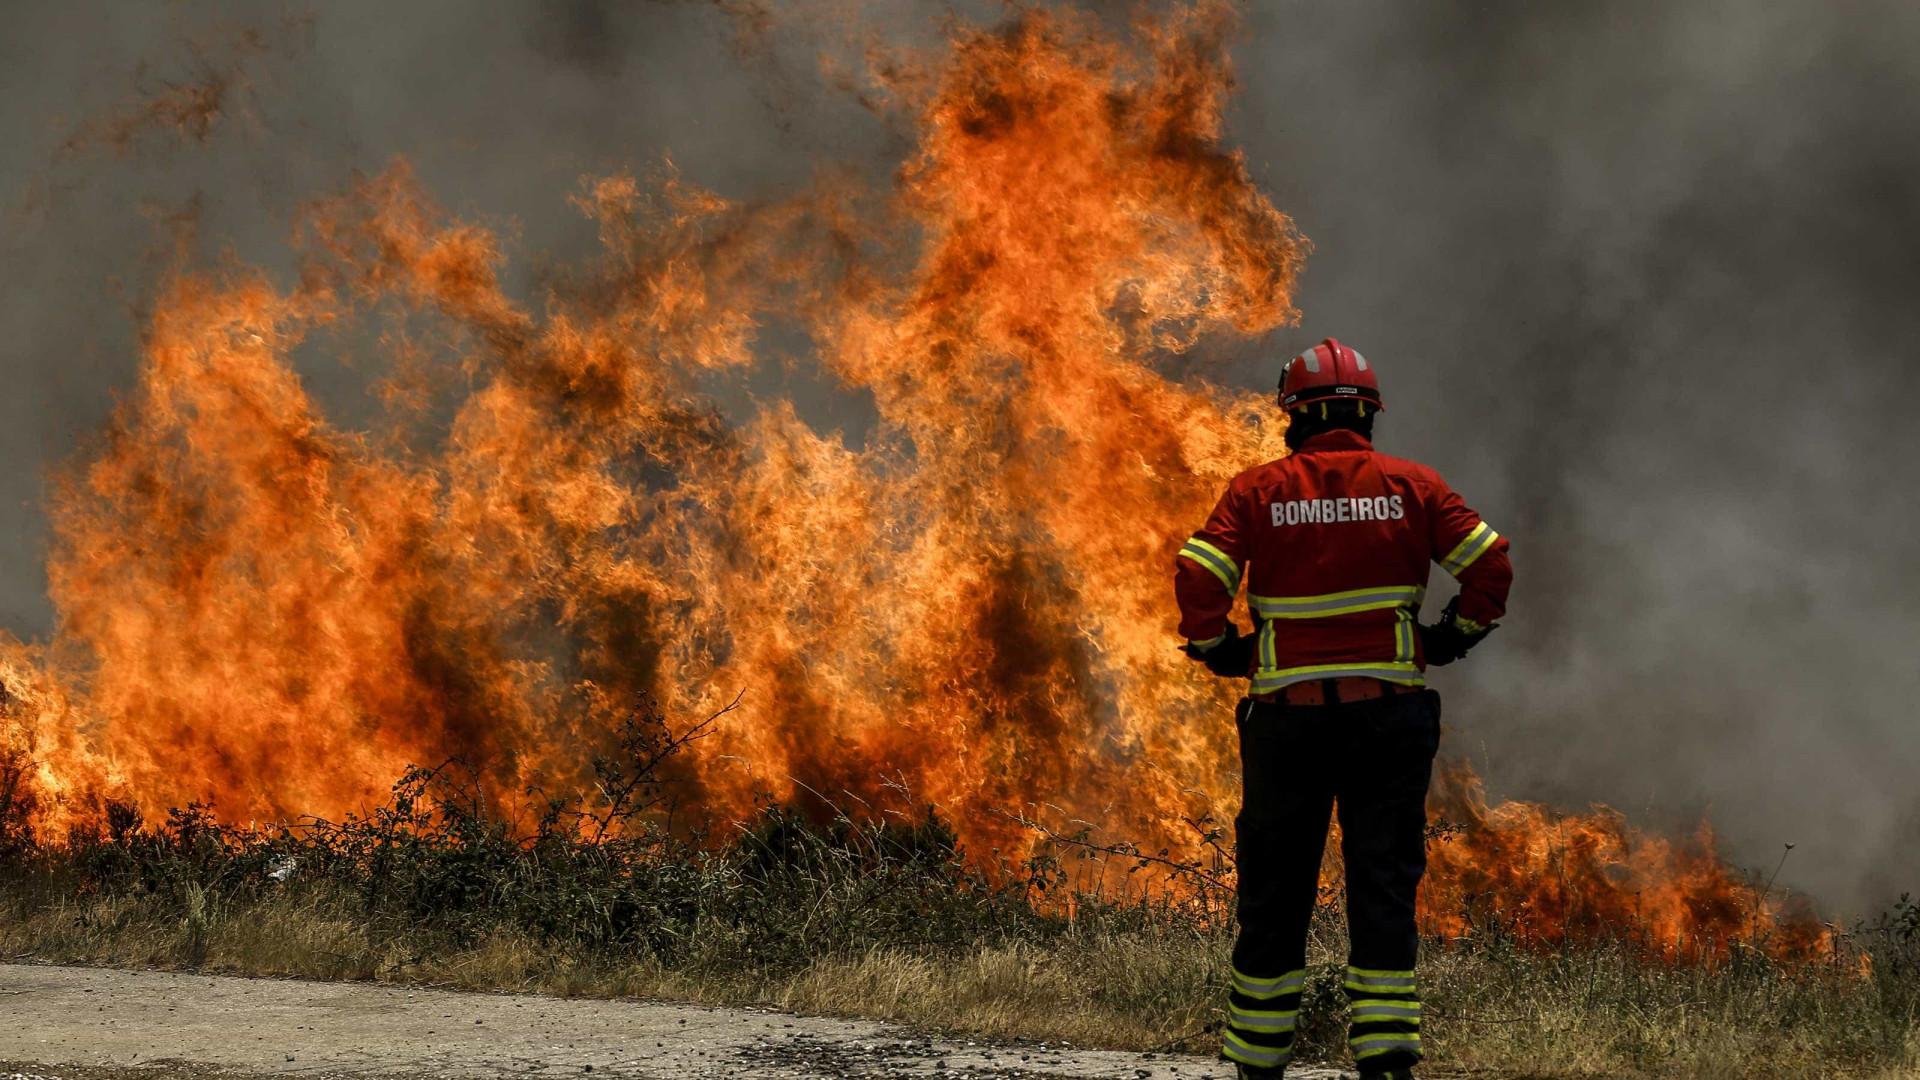 Bombeiros voluntários e profissionais querem integrar órgãos de decisão